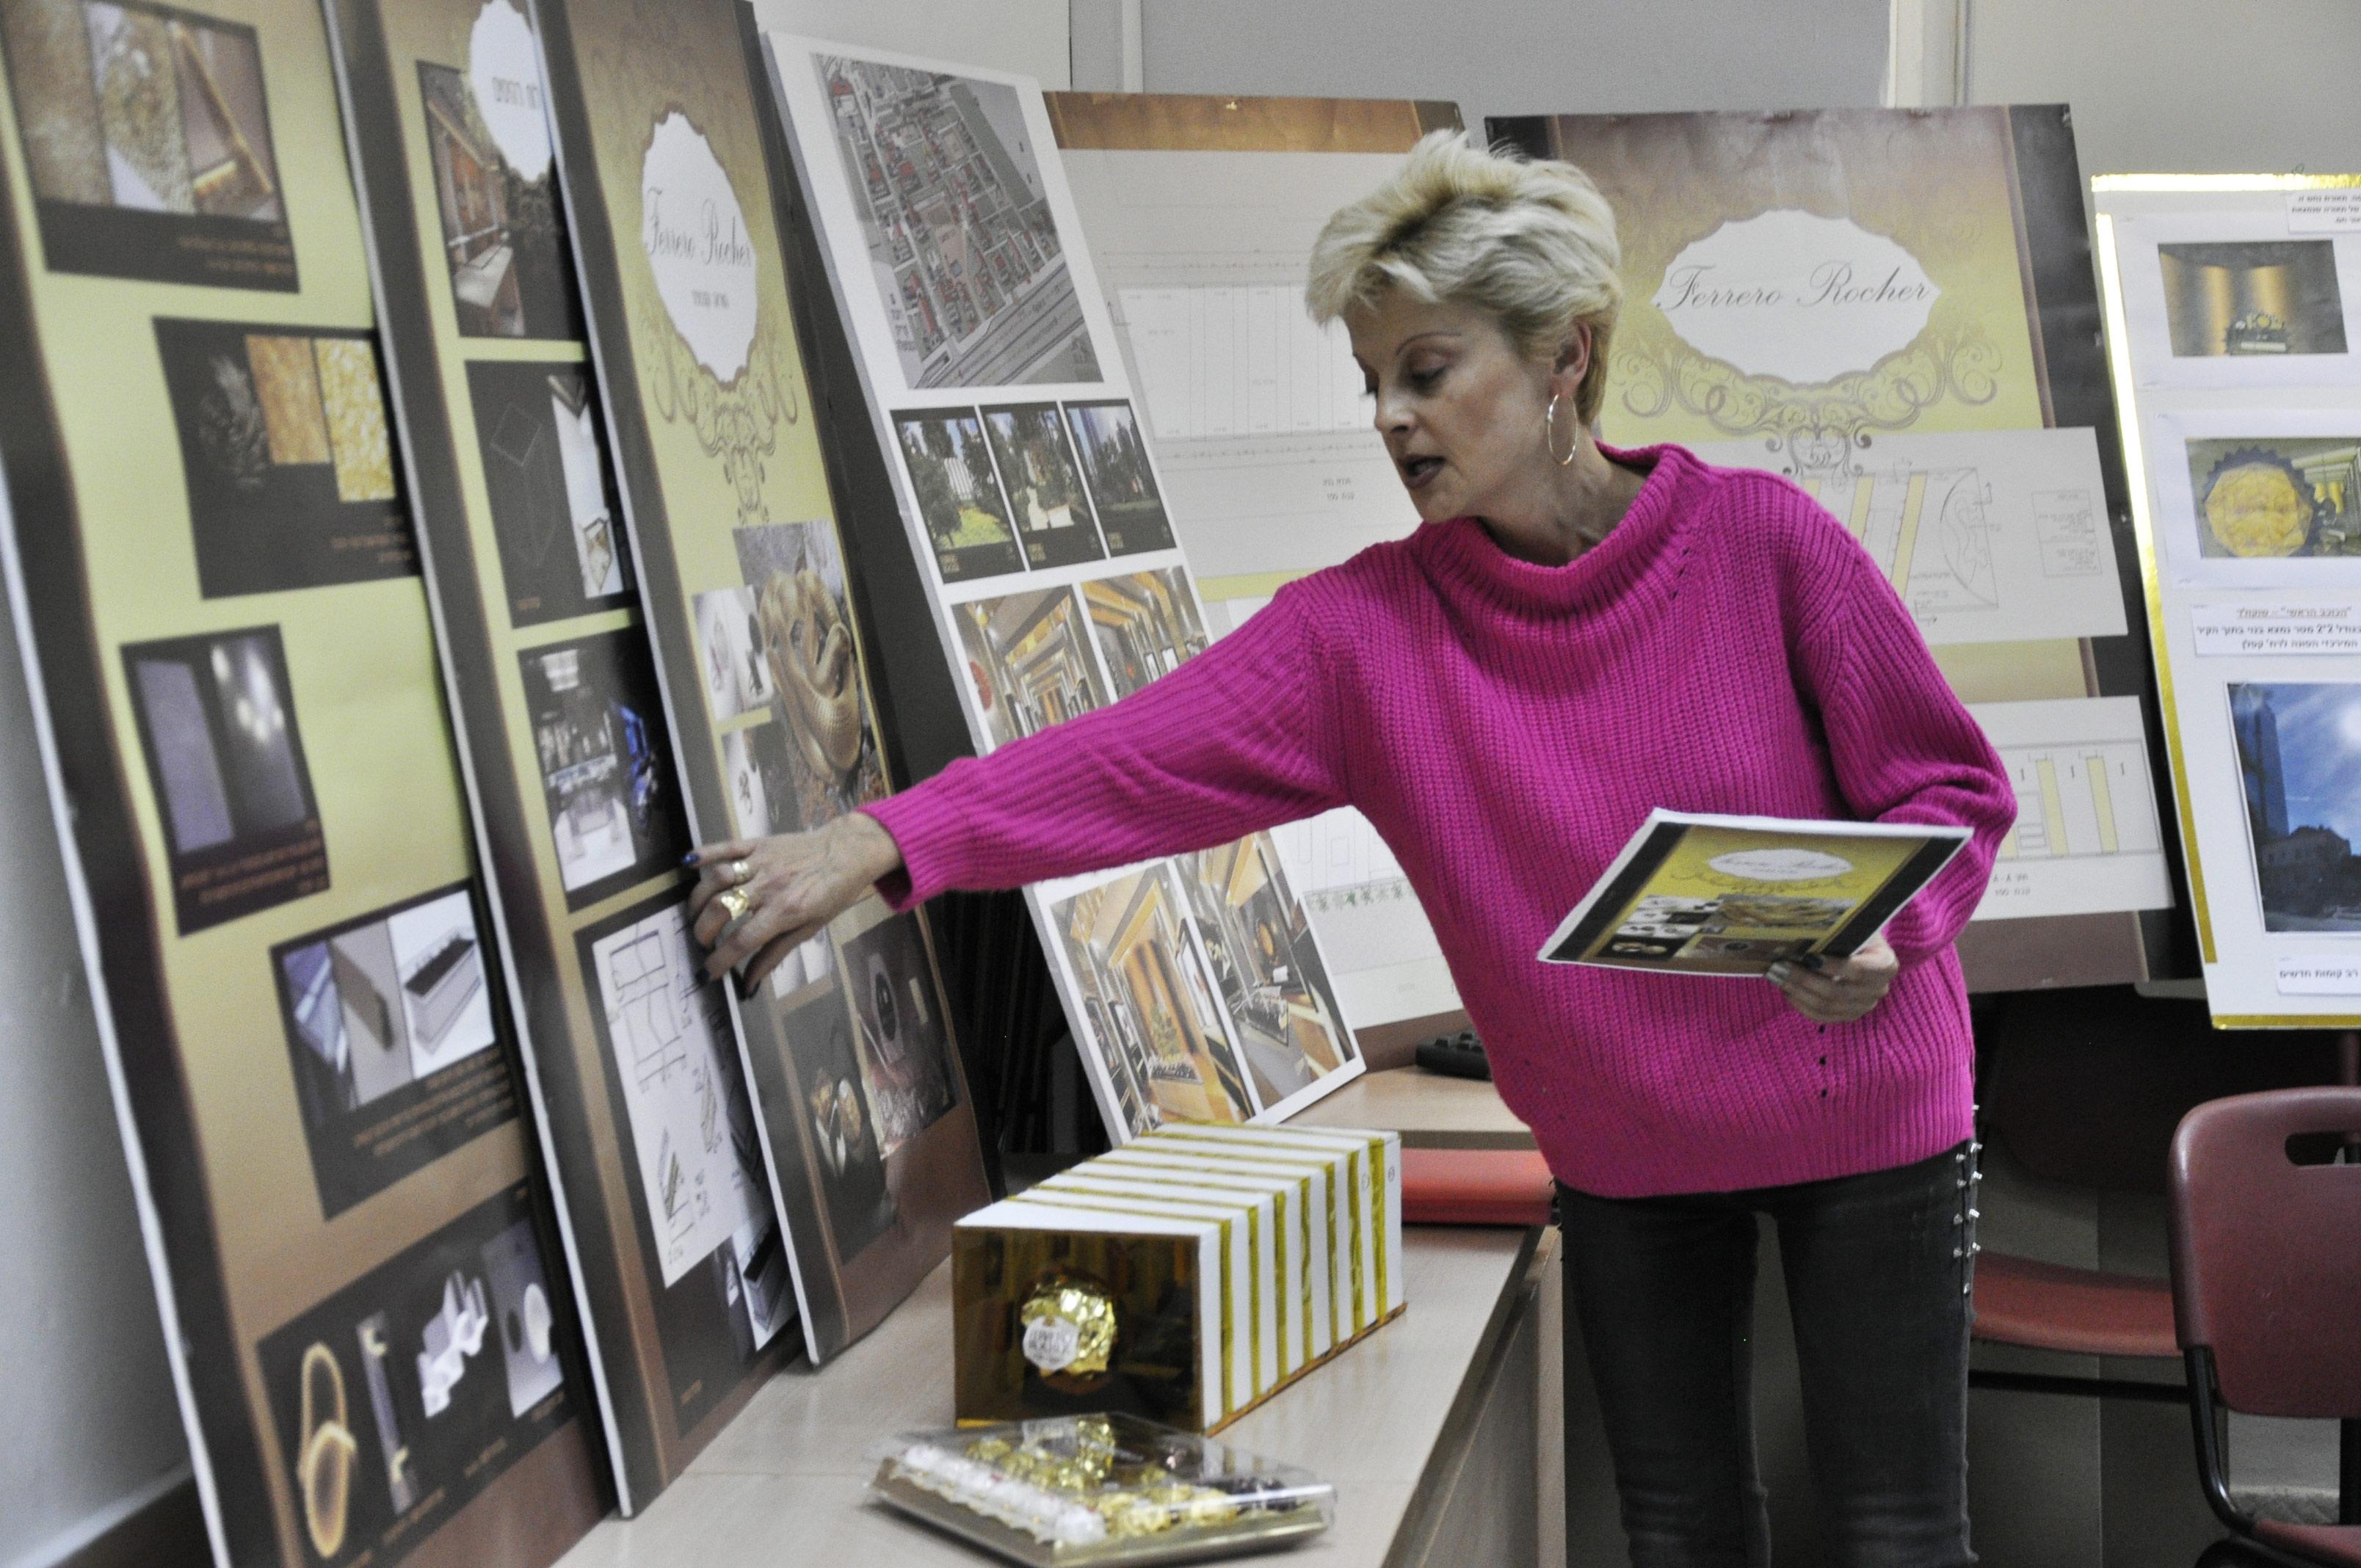 אירה רוזליו - עיצוב חנות פררו רושה בשרונה, קורס עיצוב פנים שנקר הנדסאים